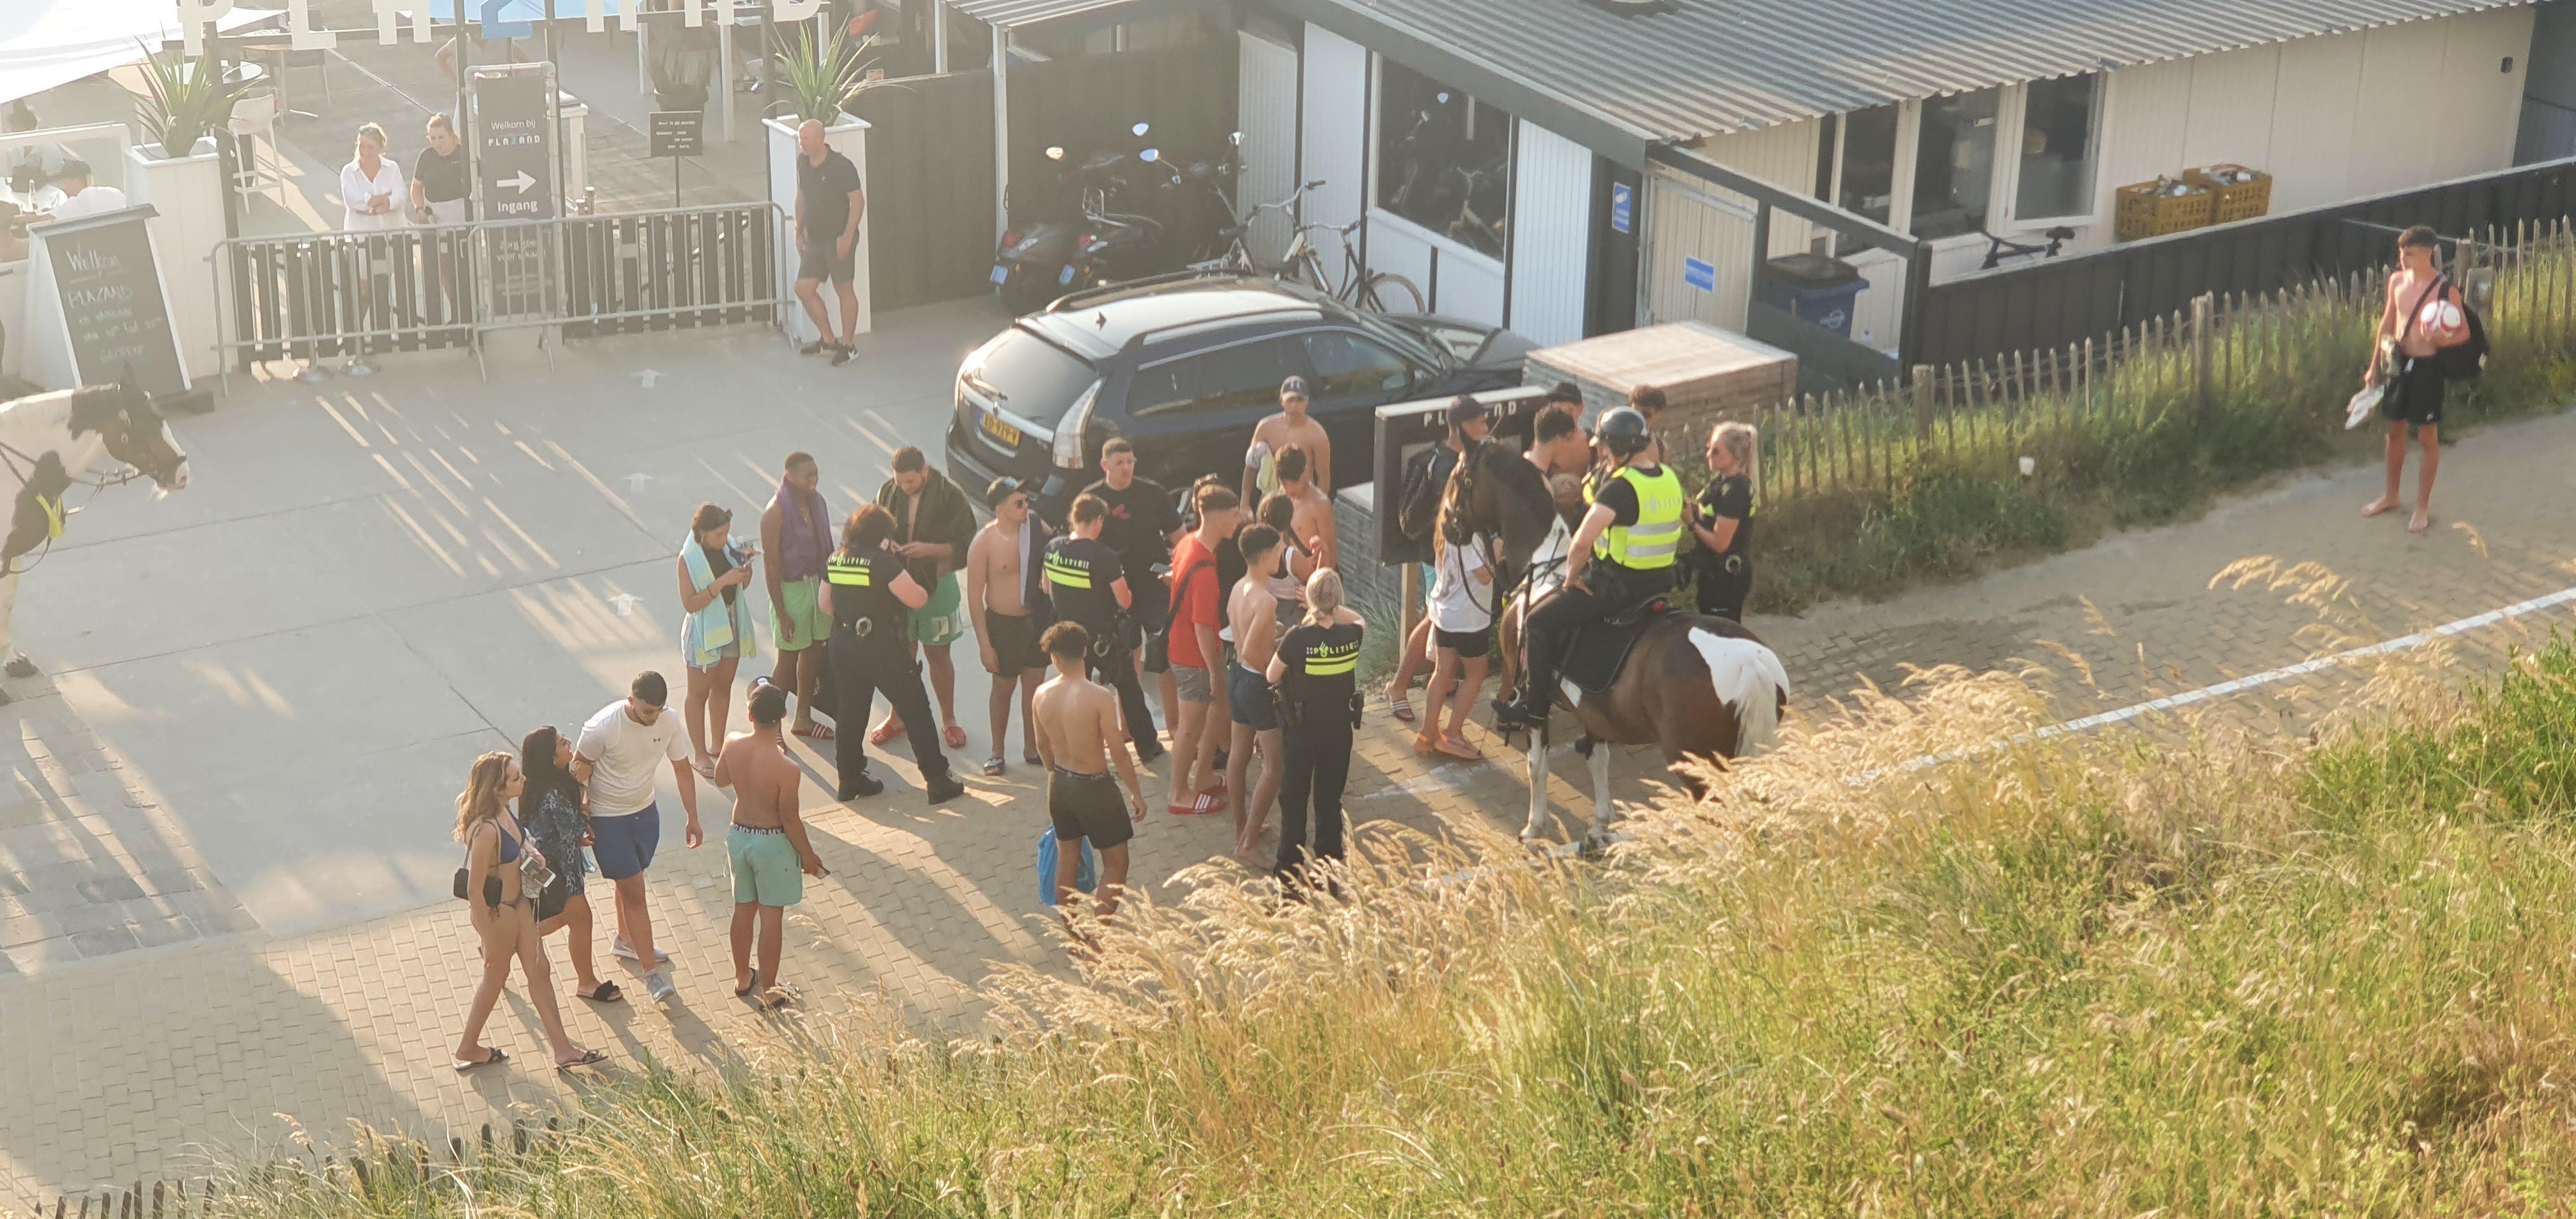 Vereniging van Strandpachters Zandvoort over vechtpartij: 'De politie heeft juist heel snel en adequaat gereageerd. De imagoschade voor Zandvoort is groter'